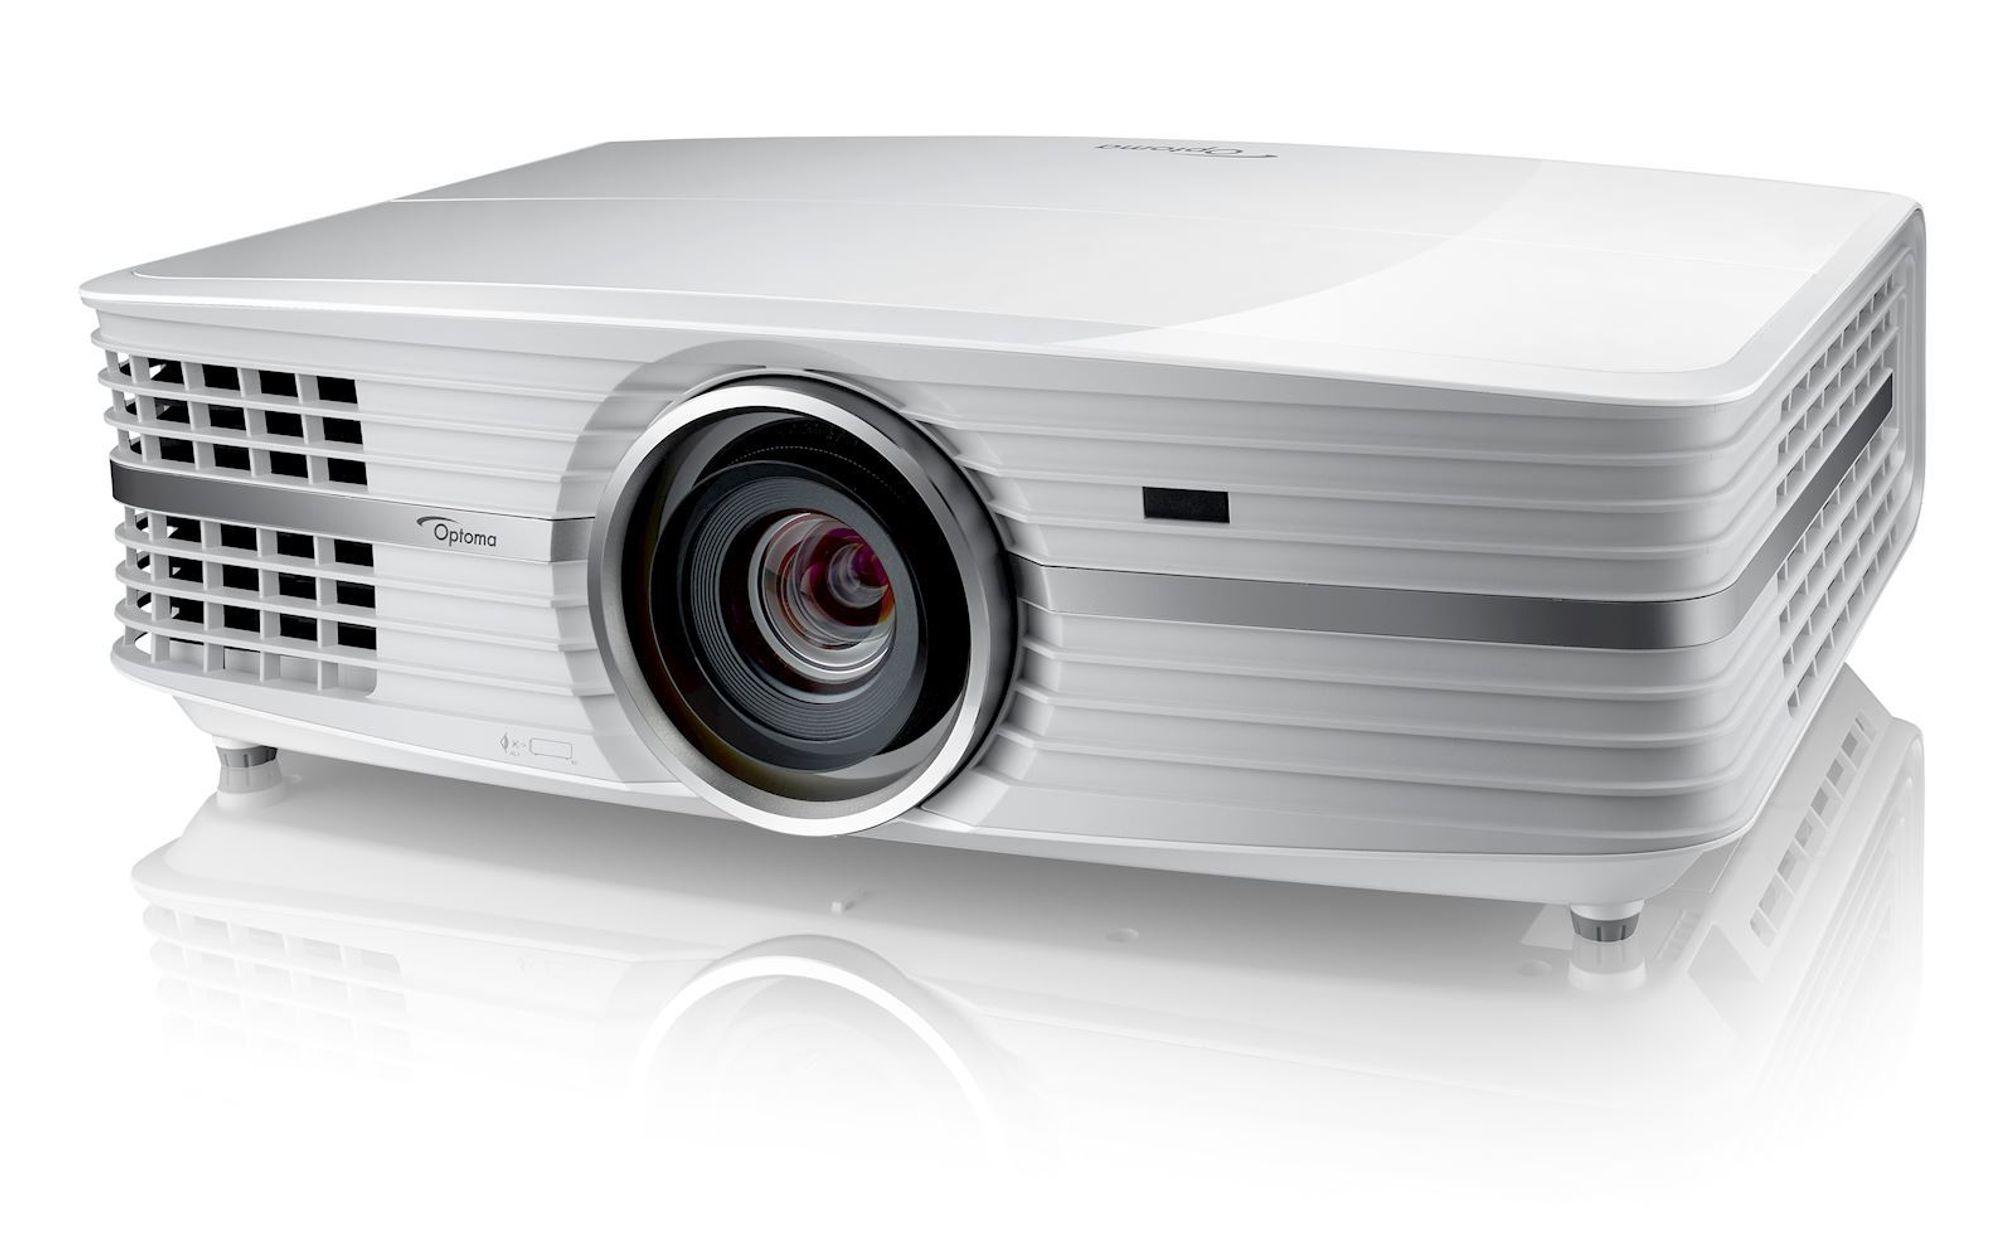 Splinternye Disse 4K-projektorene er omtrent halv pris av konkurrentene - Tek.no WP-12